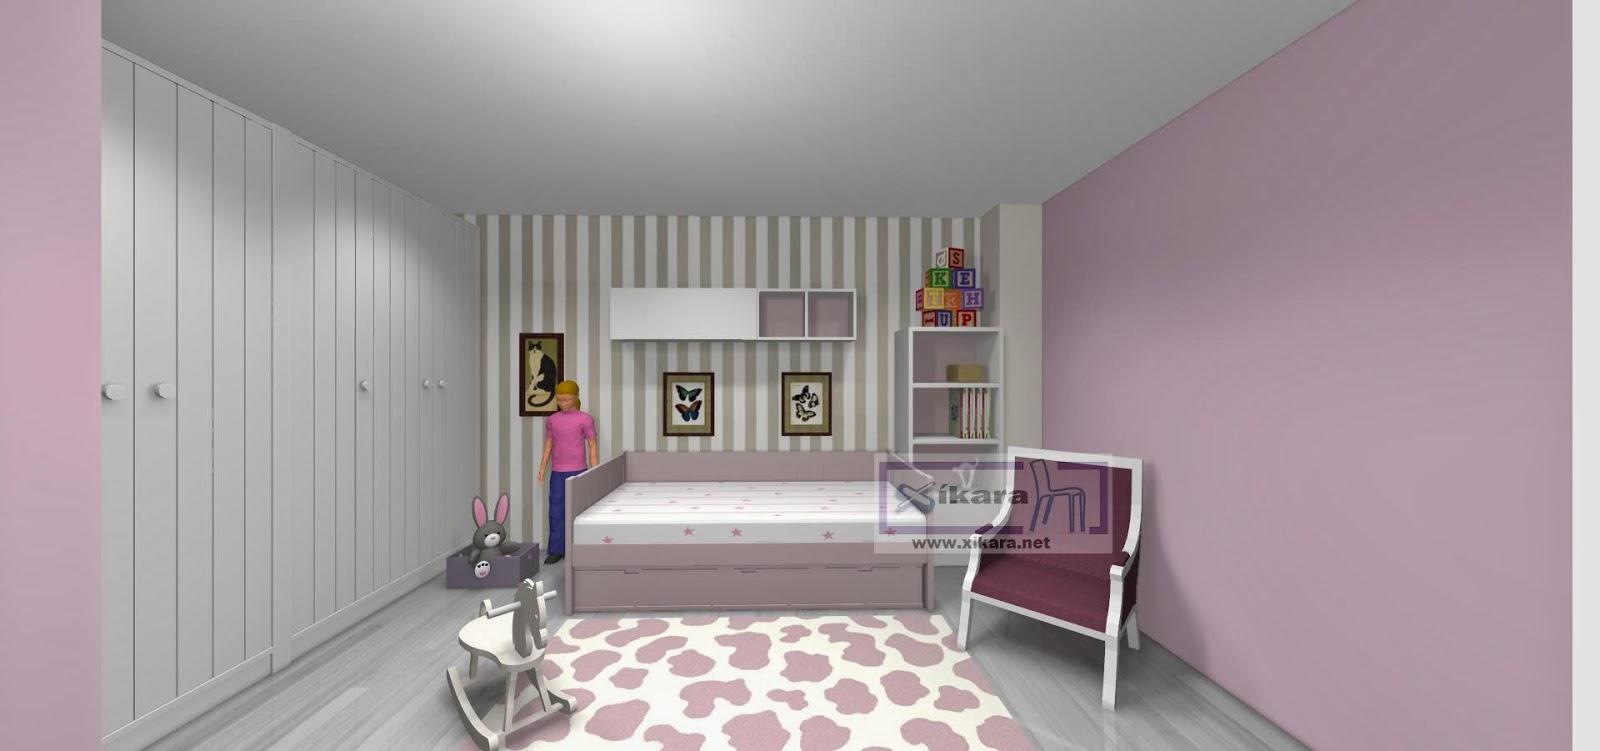 Publicado por xikara muebles en 23 17 no hay comentarios - Ideas para decorar habitacion juvenil femenina ...